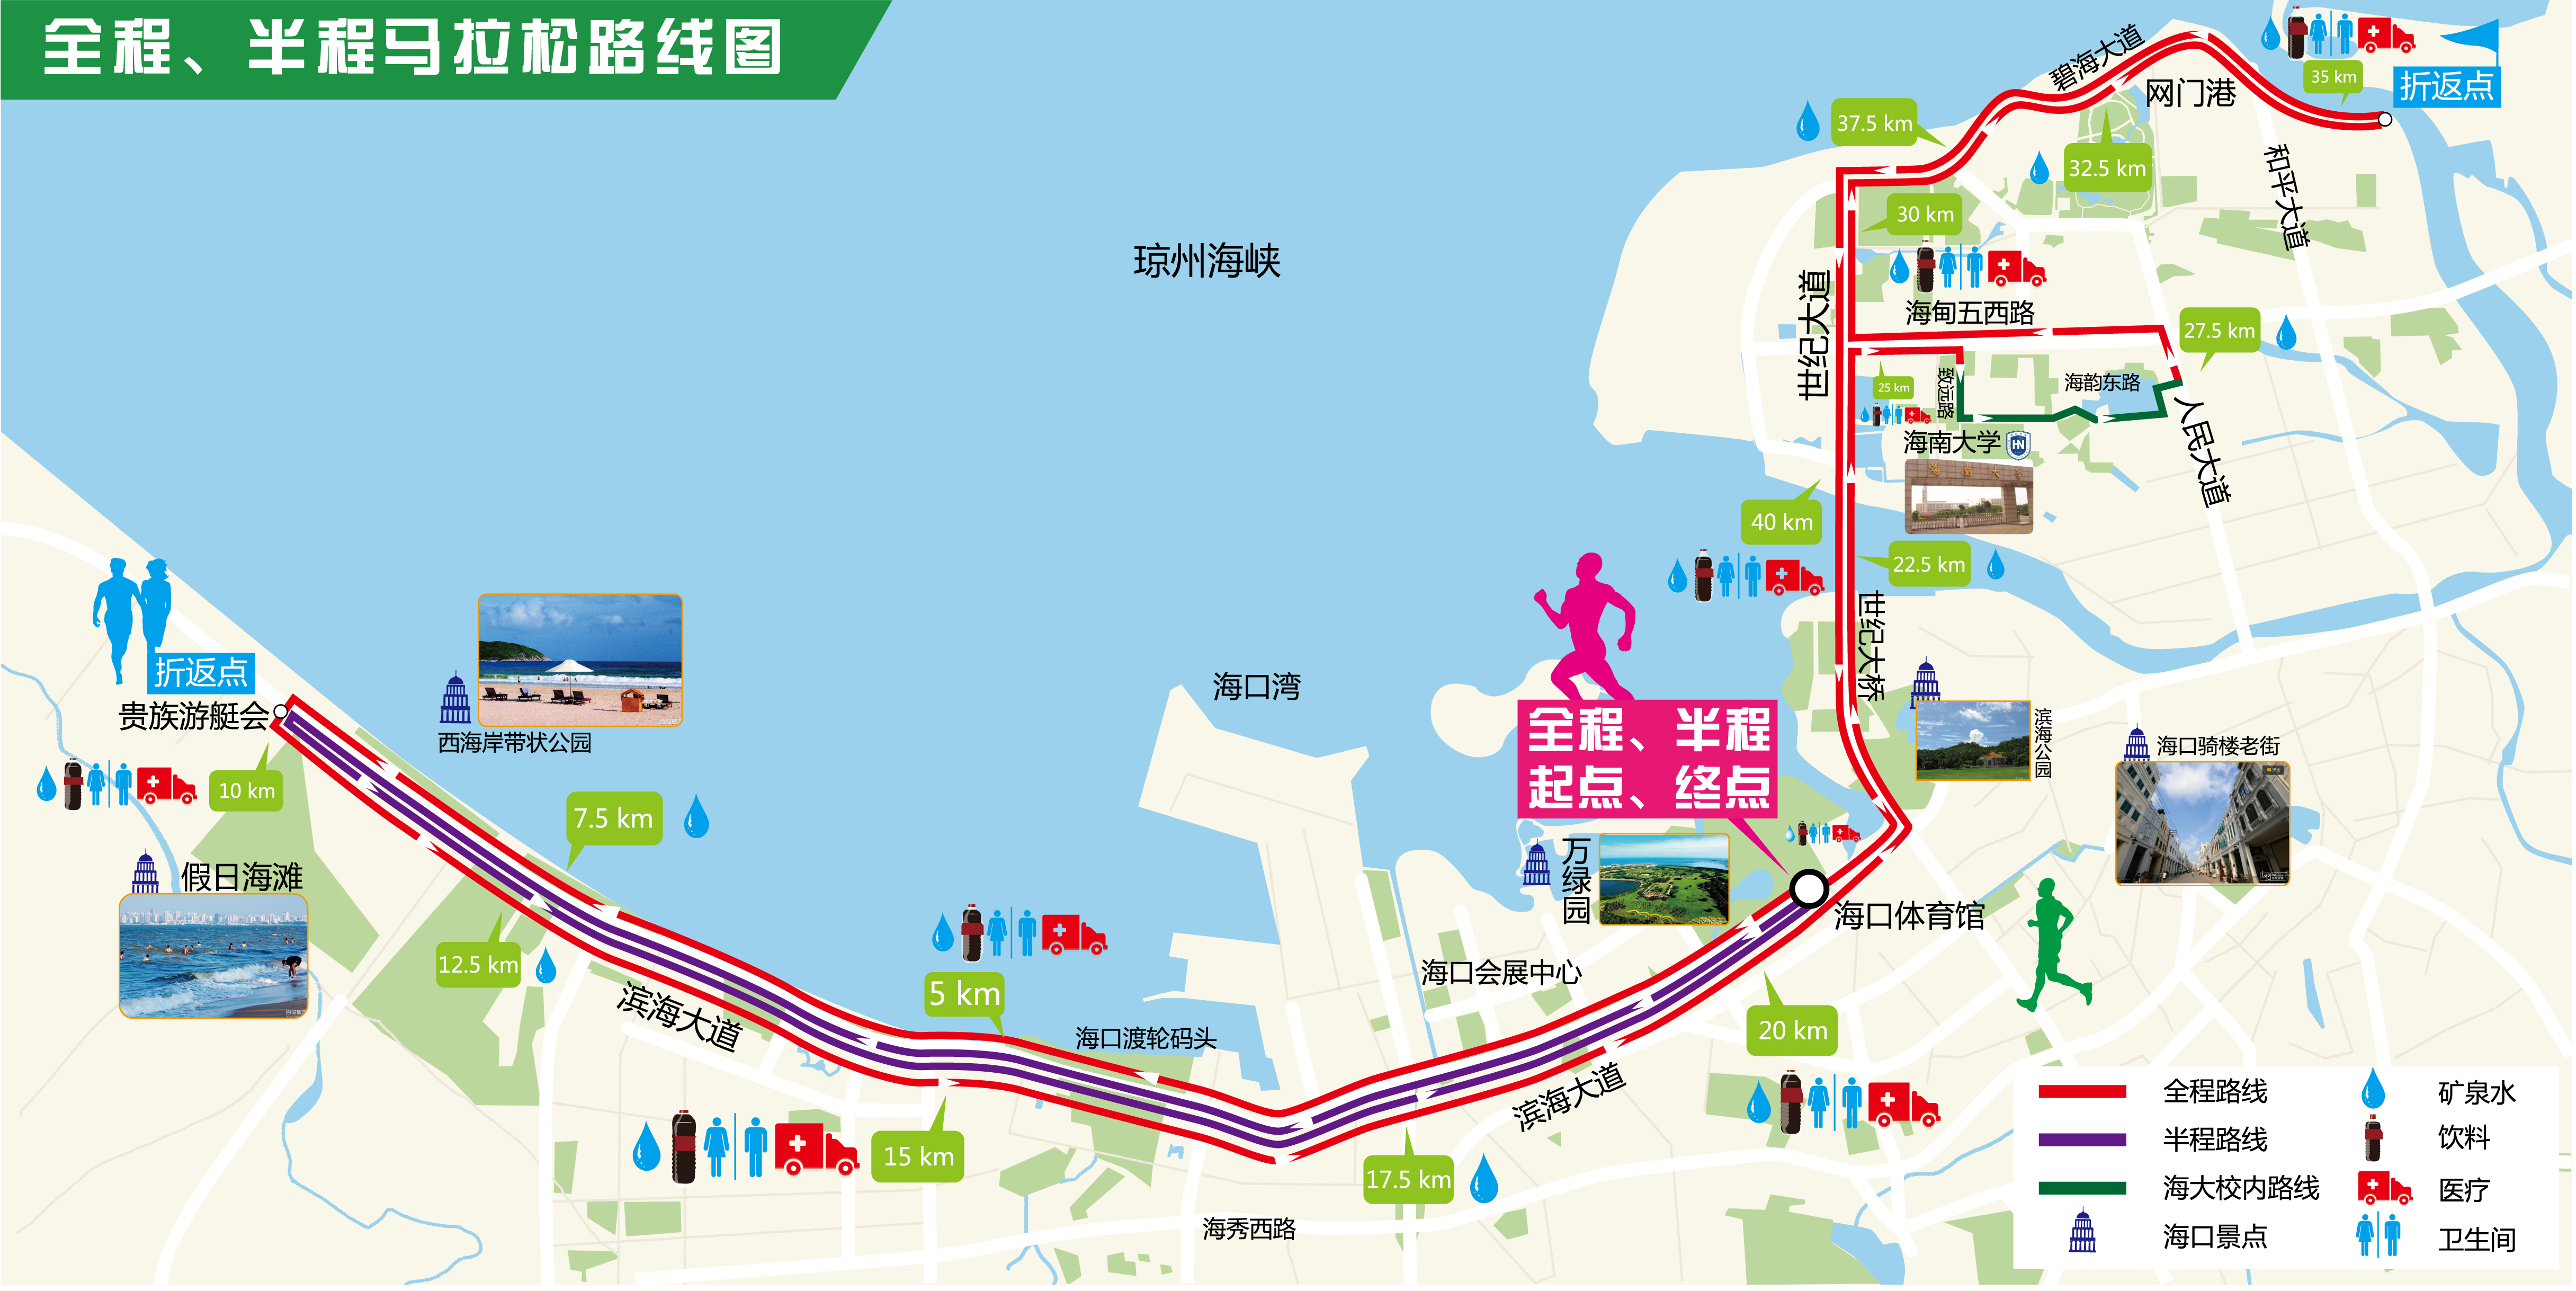 2017秦皇岛马拉松地图